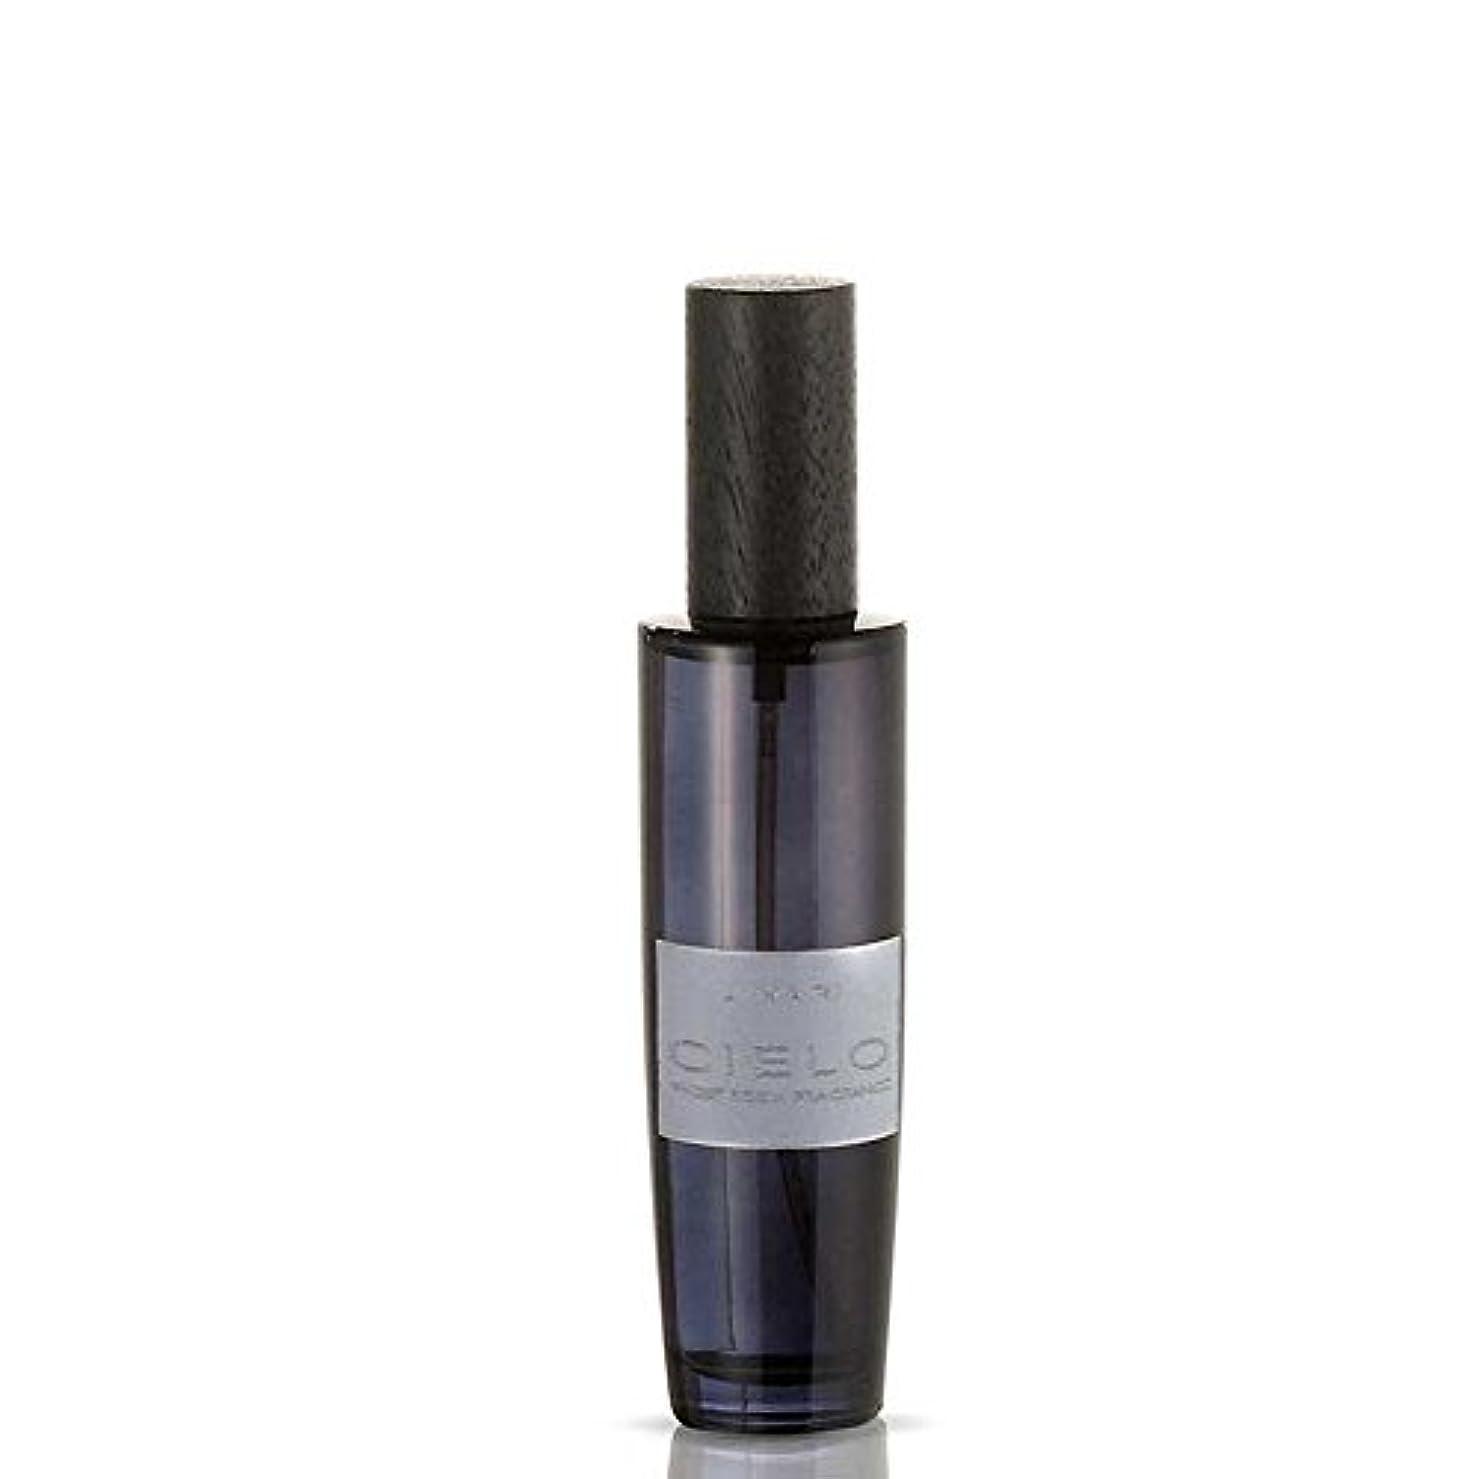 みなす新しい意味別れるLINARI リナーリ ルームスプレー Room Spray チェロ CIELO BLACK AMETHYST LINE